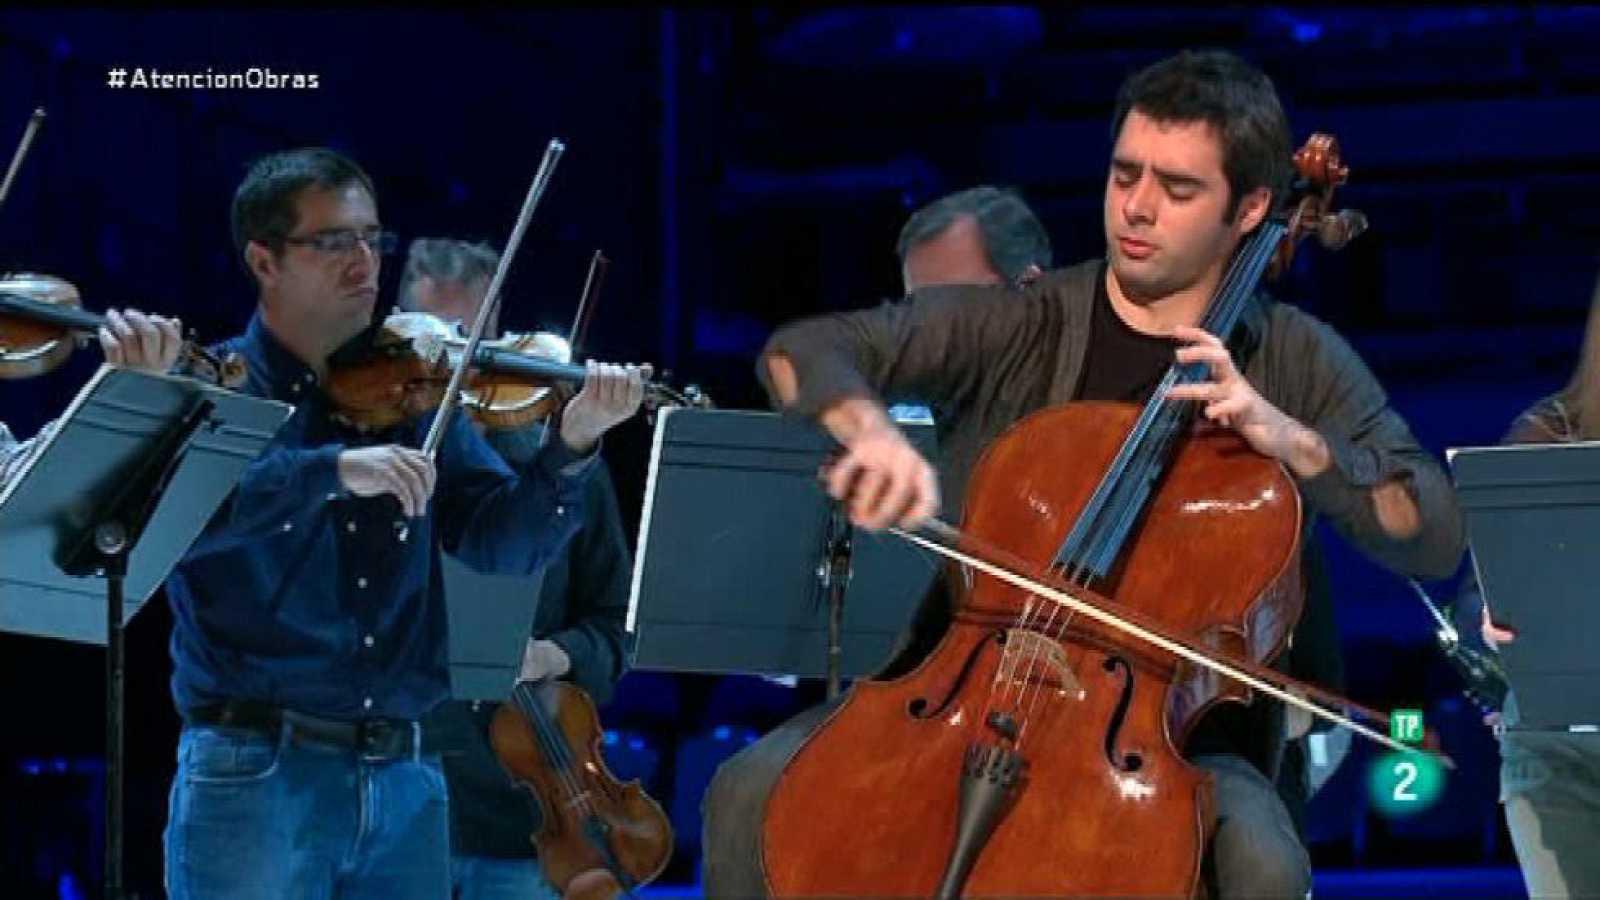 Atención obras - El talento del chelista Pablo Ferrández